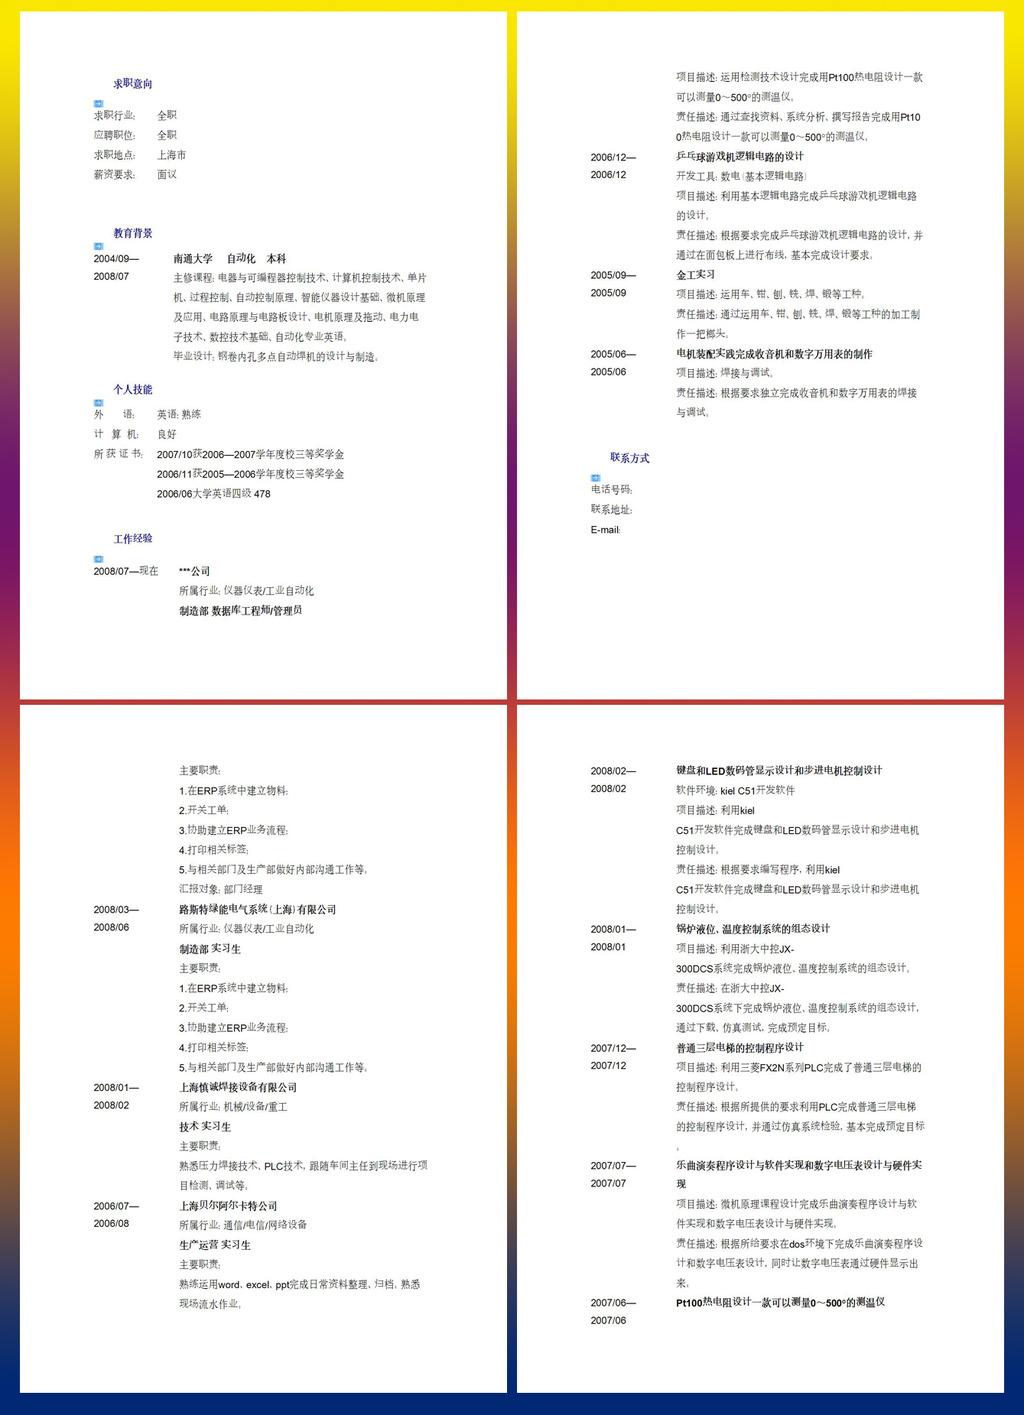 机械制造与自动化专业简历模板(模板可编辑)172图片